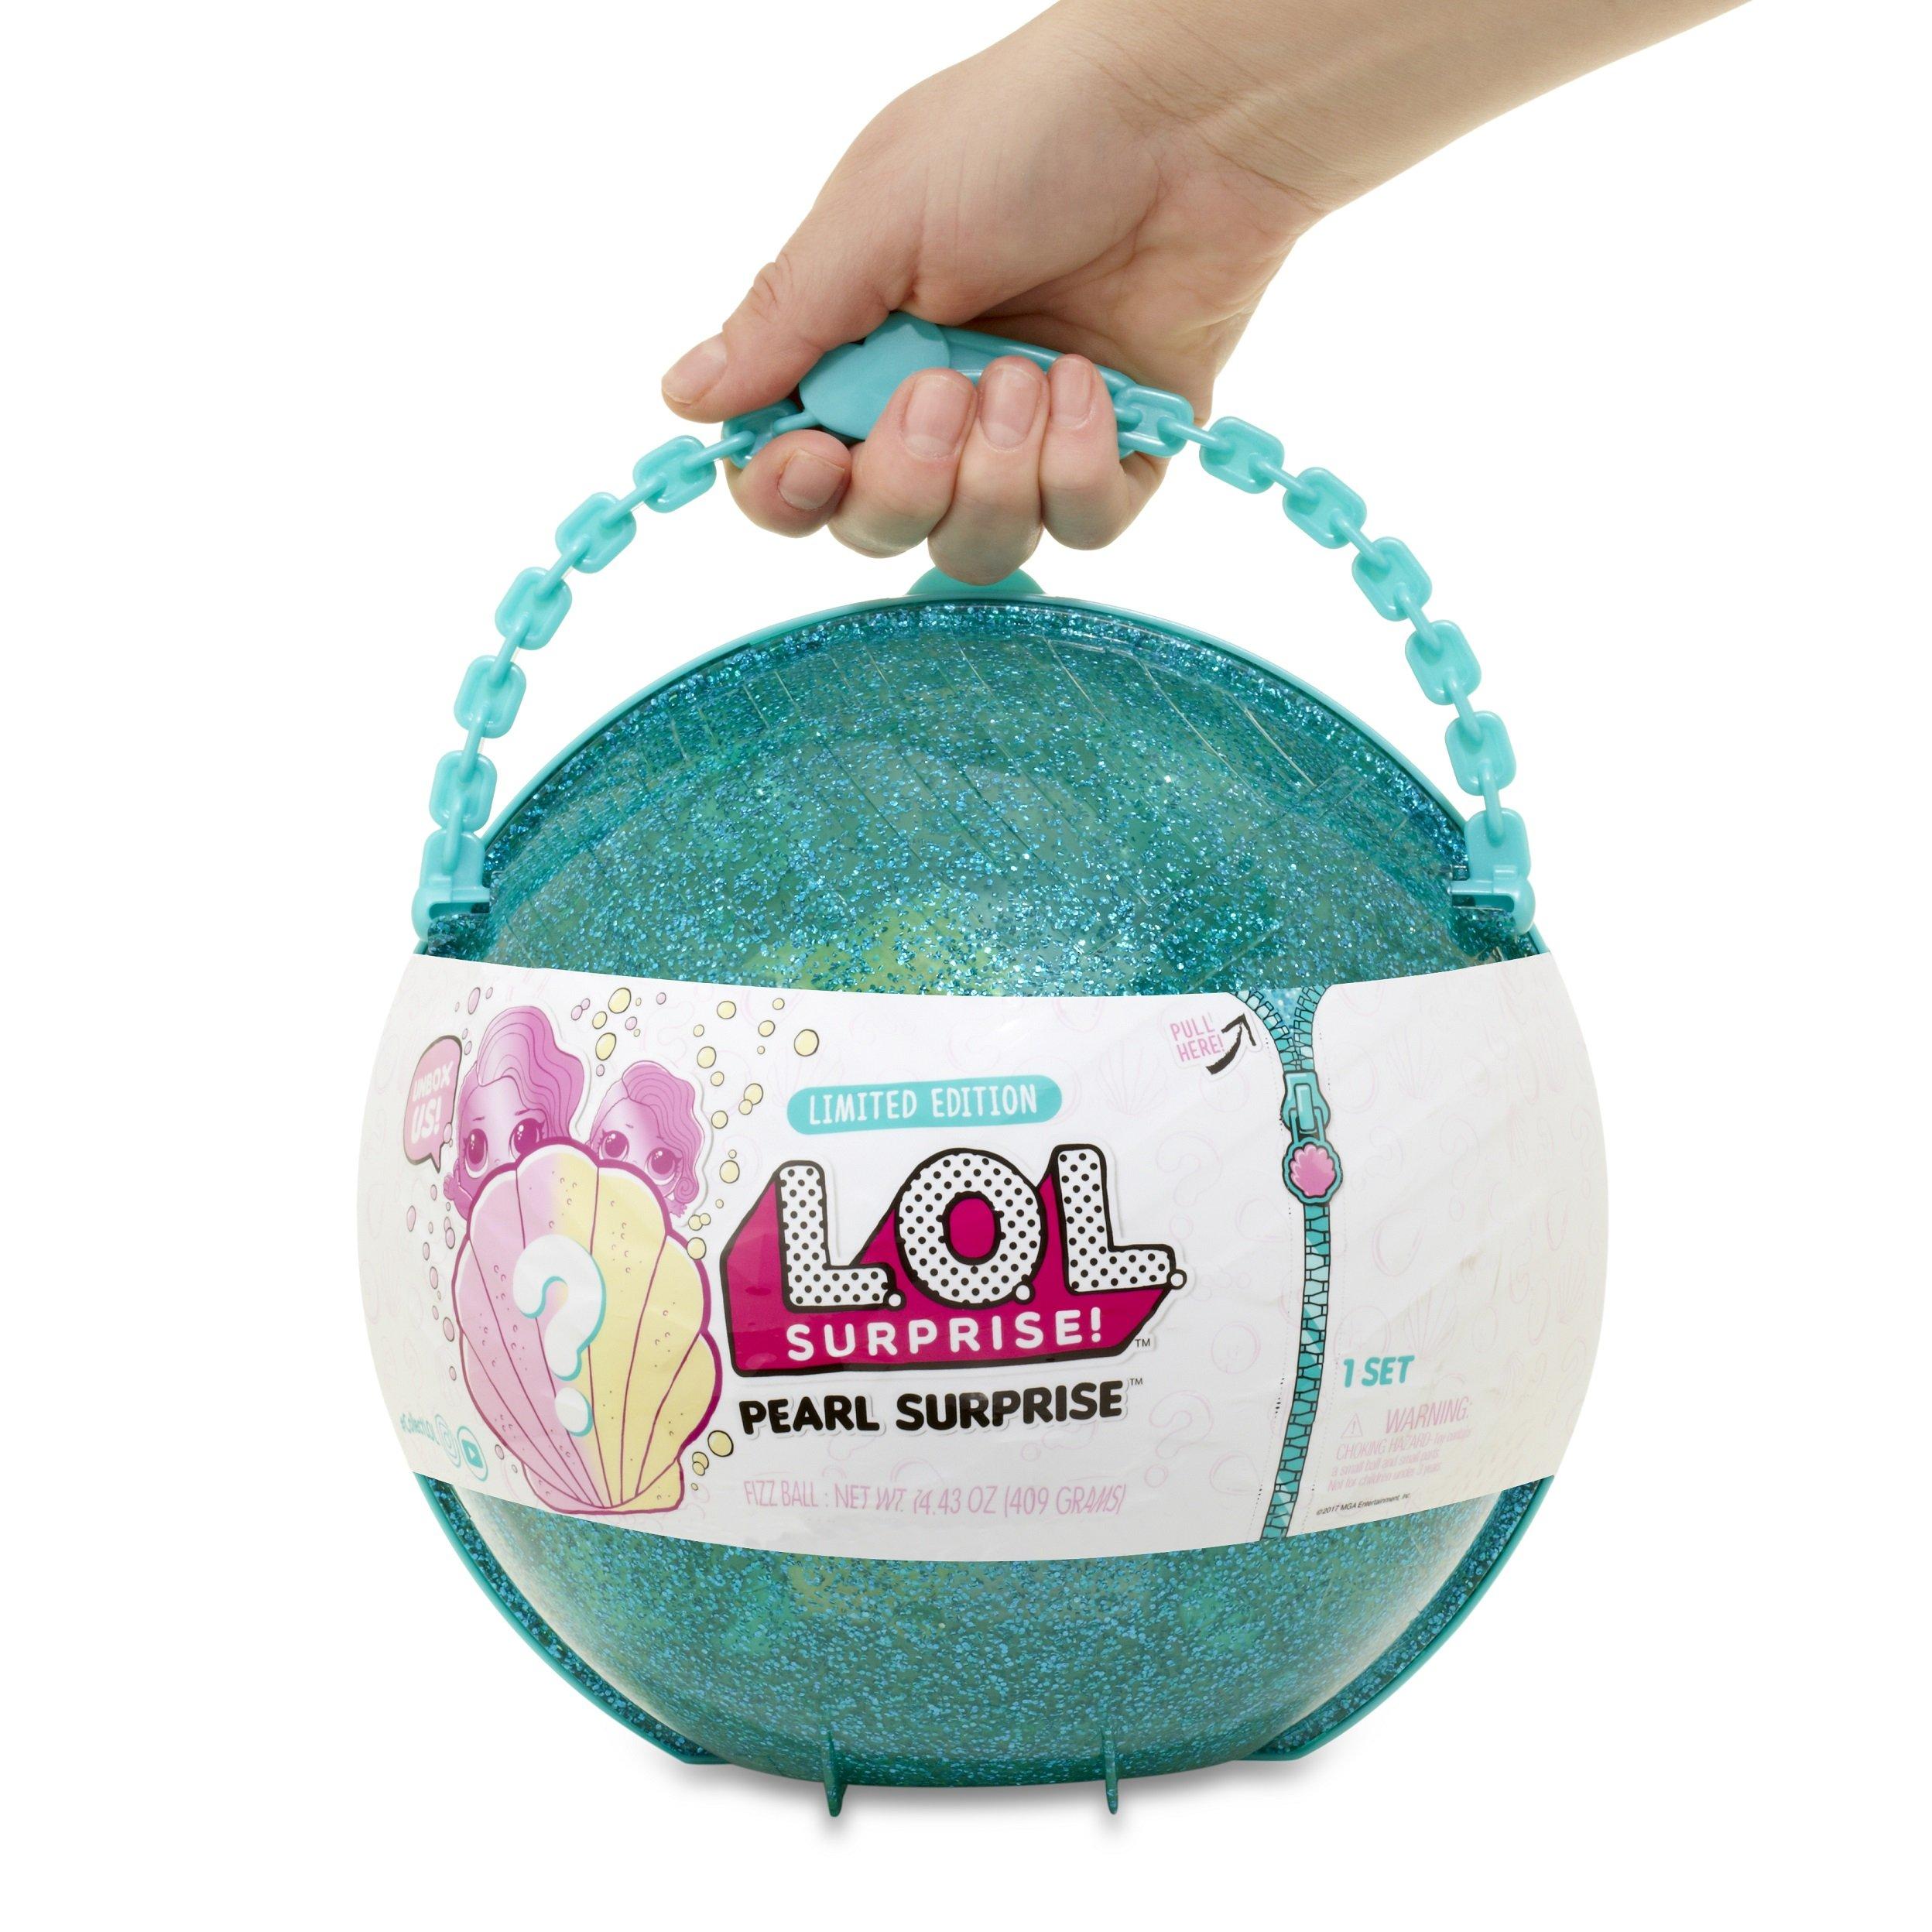 L.O.L. Surprise! Pearl Surprise by L.O.L. Surprise! (Image #2)